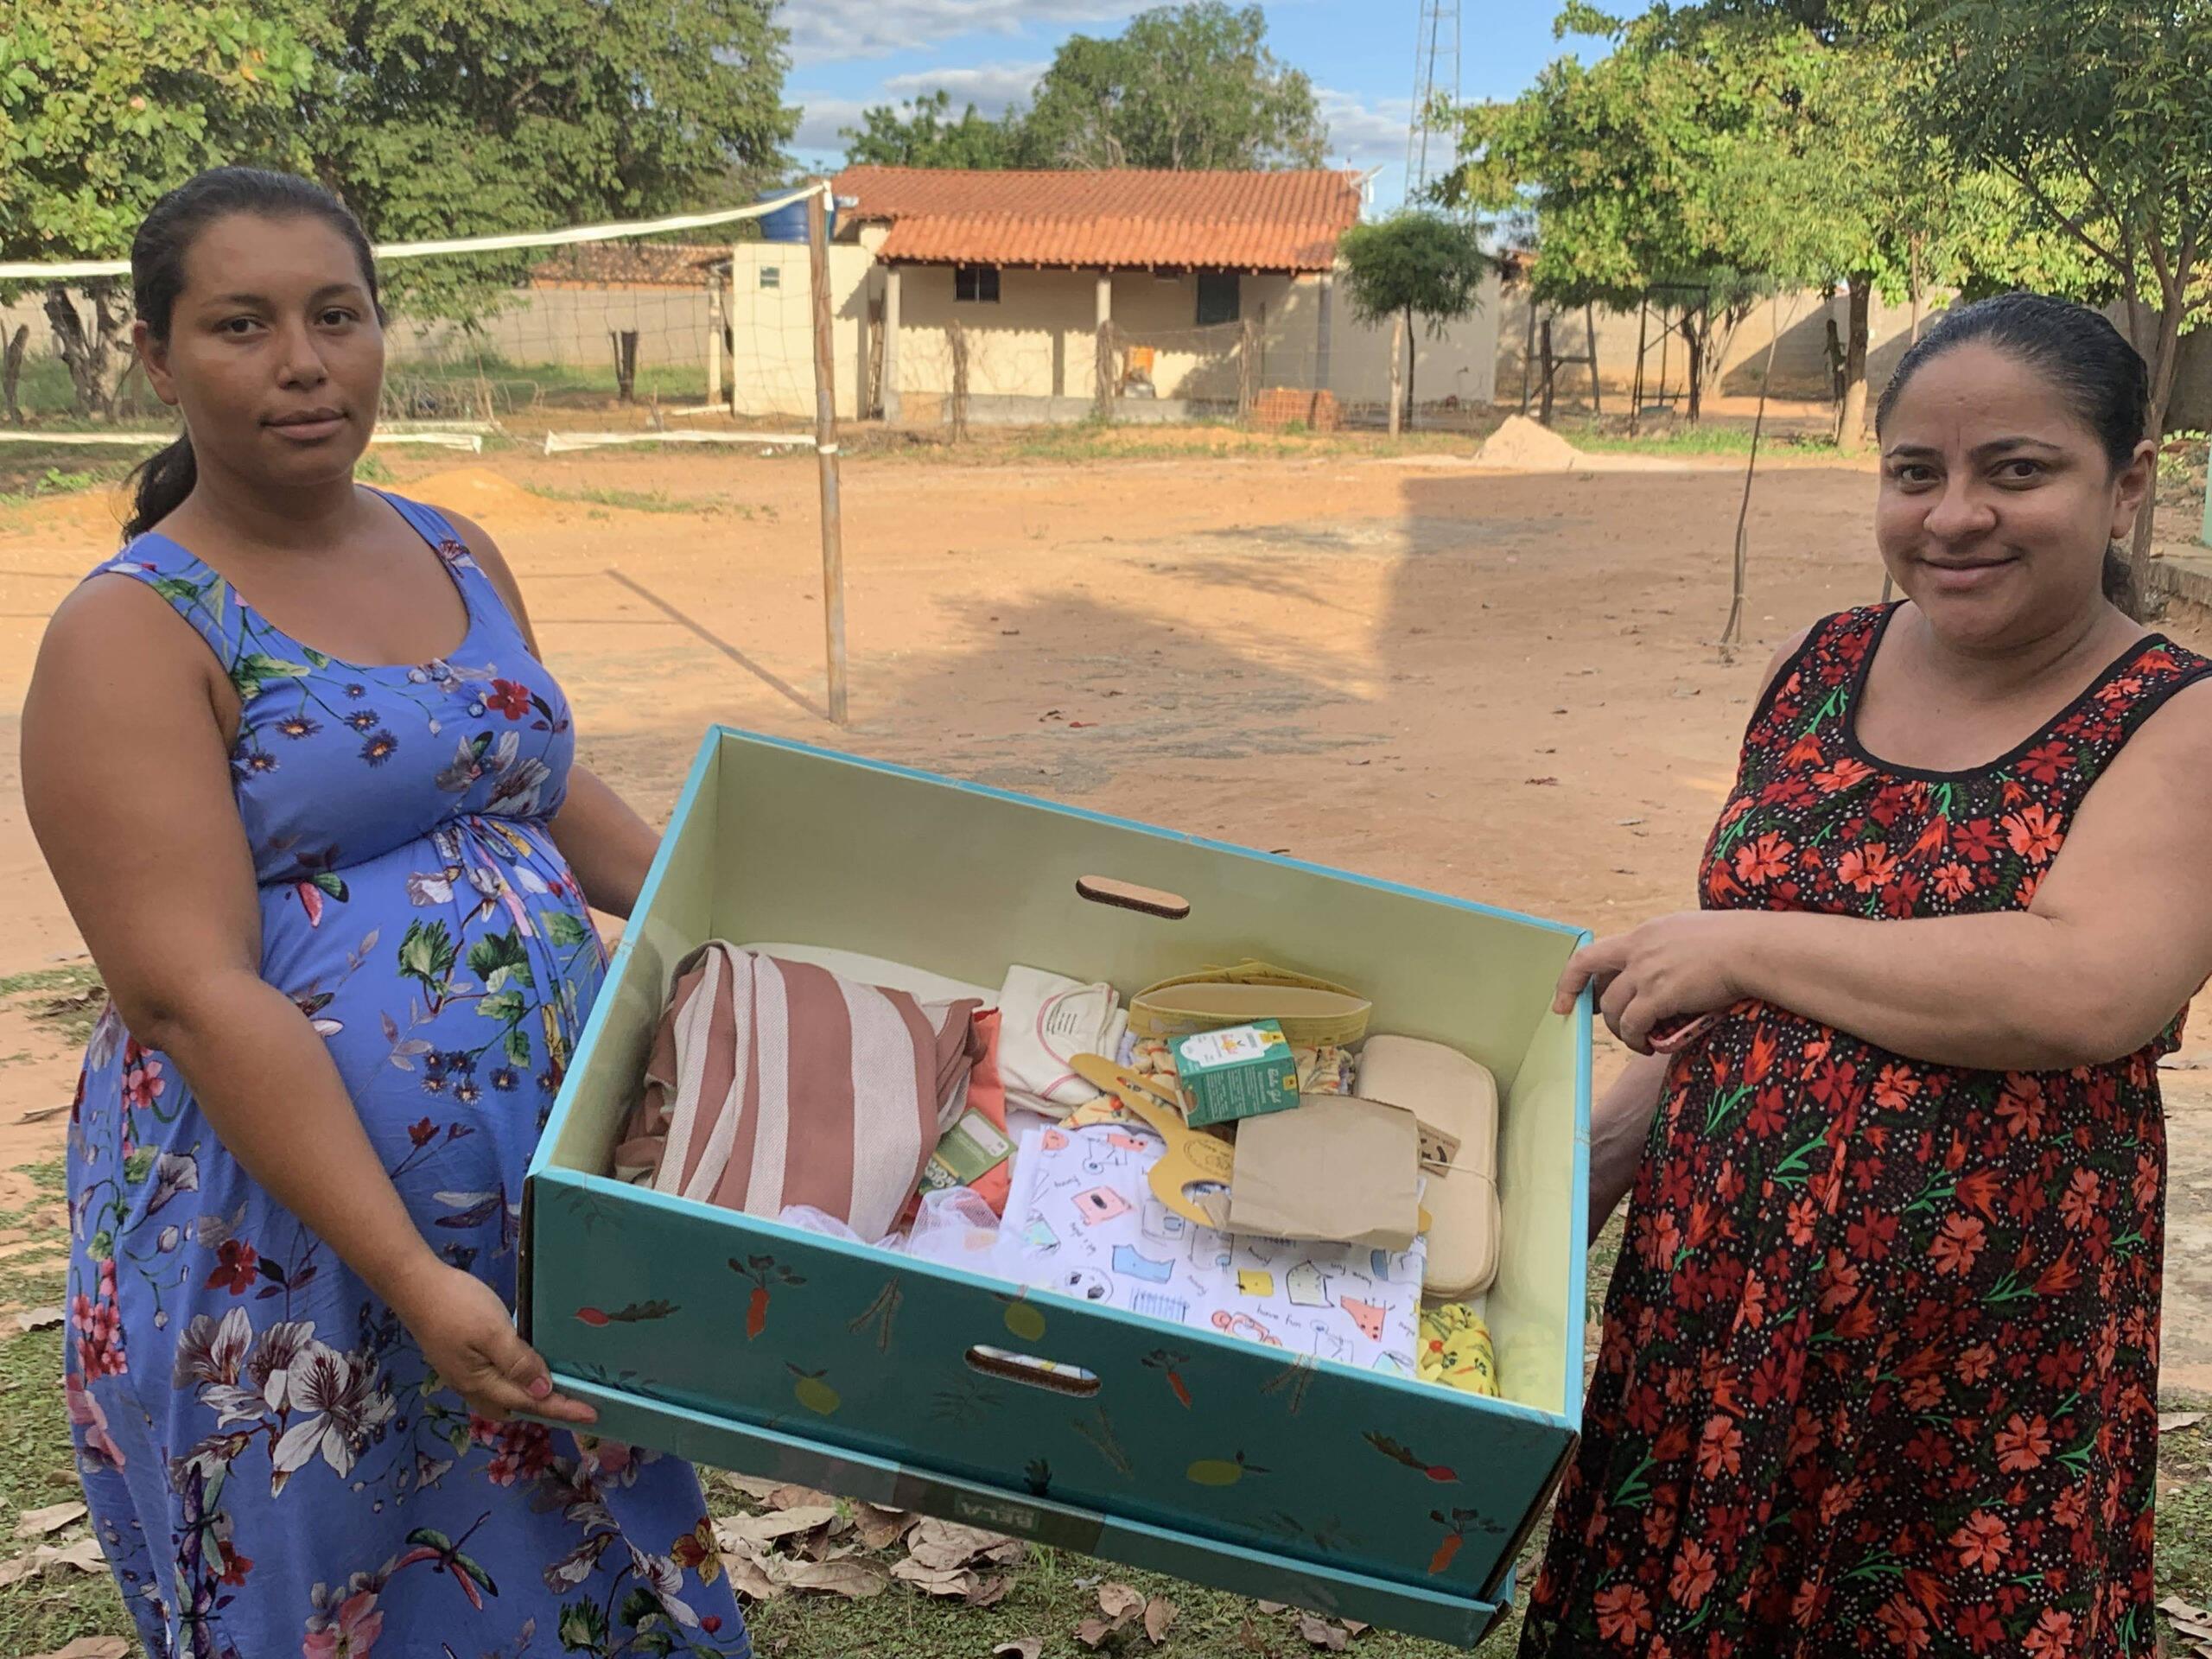 Campanha leva enxovais e mini berços de papelão a famílias carentes